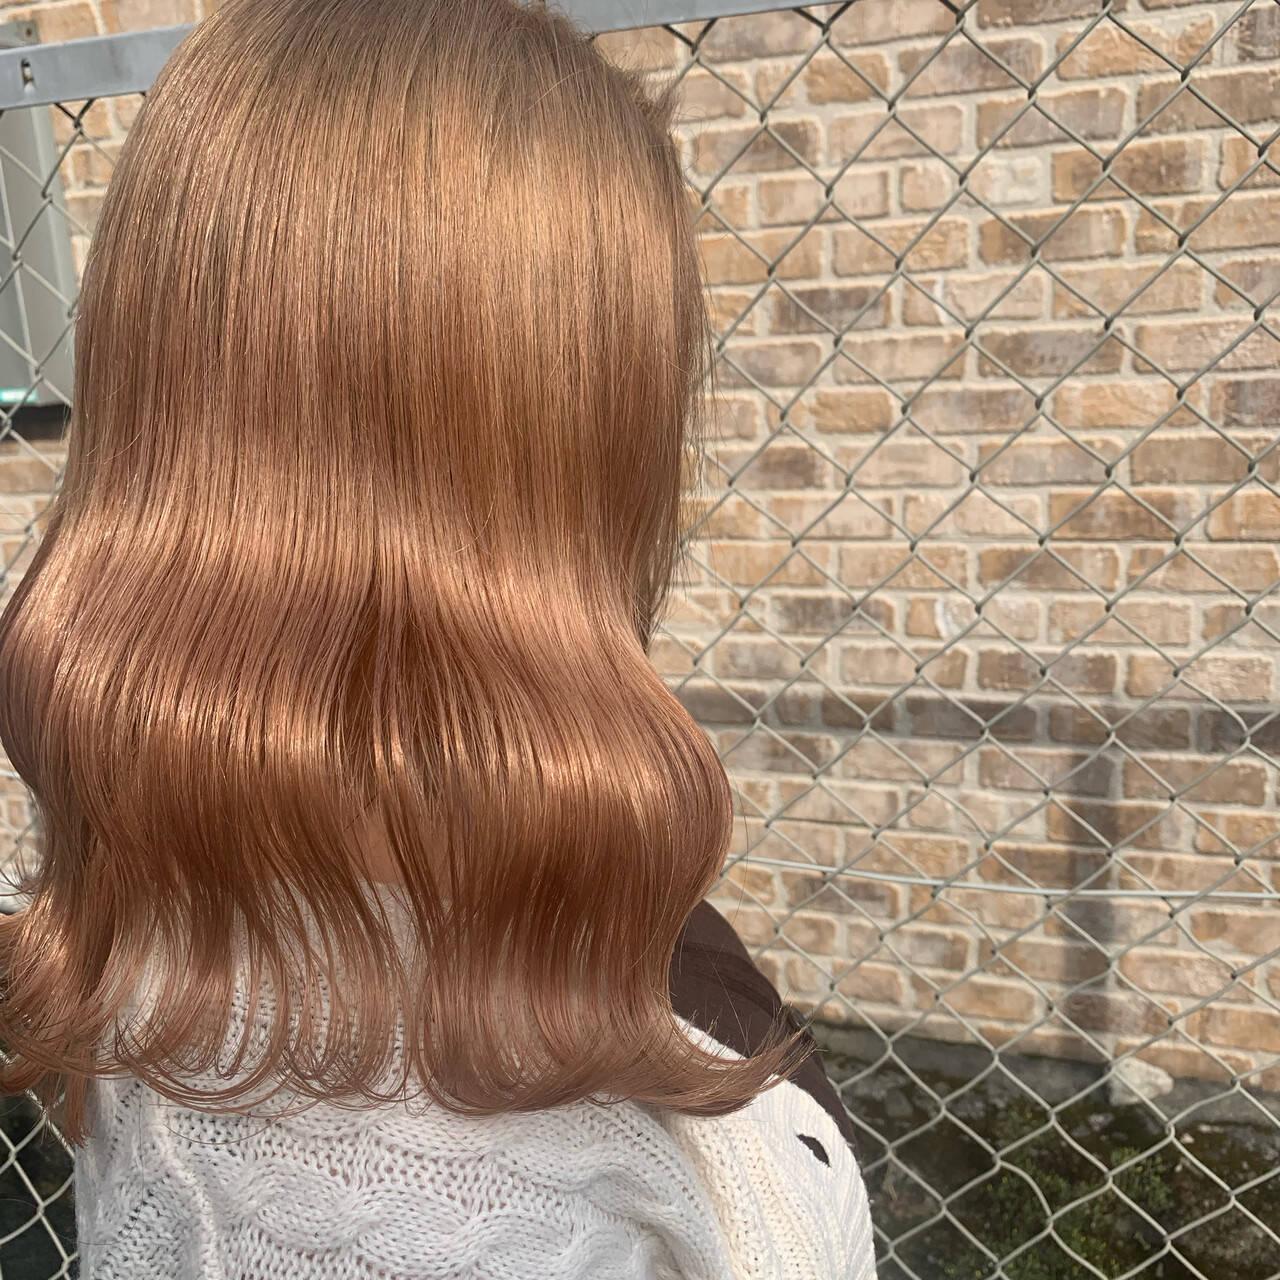 ロング フェミニン ピンクベージュ ハイトーンカラーヘアスタイルや髪型の写真・画像